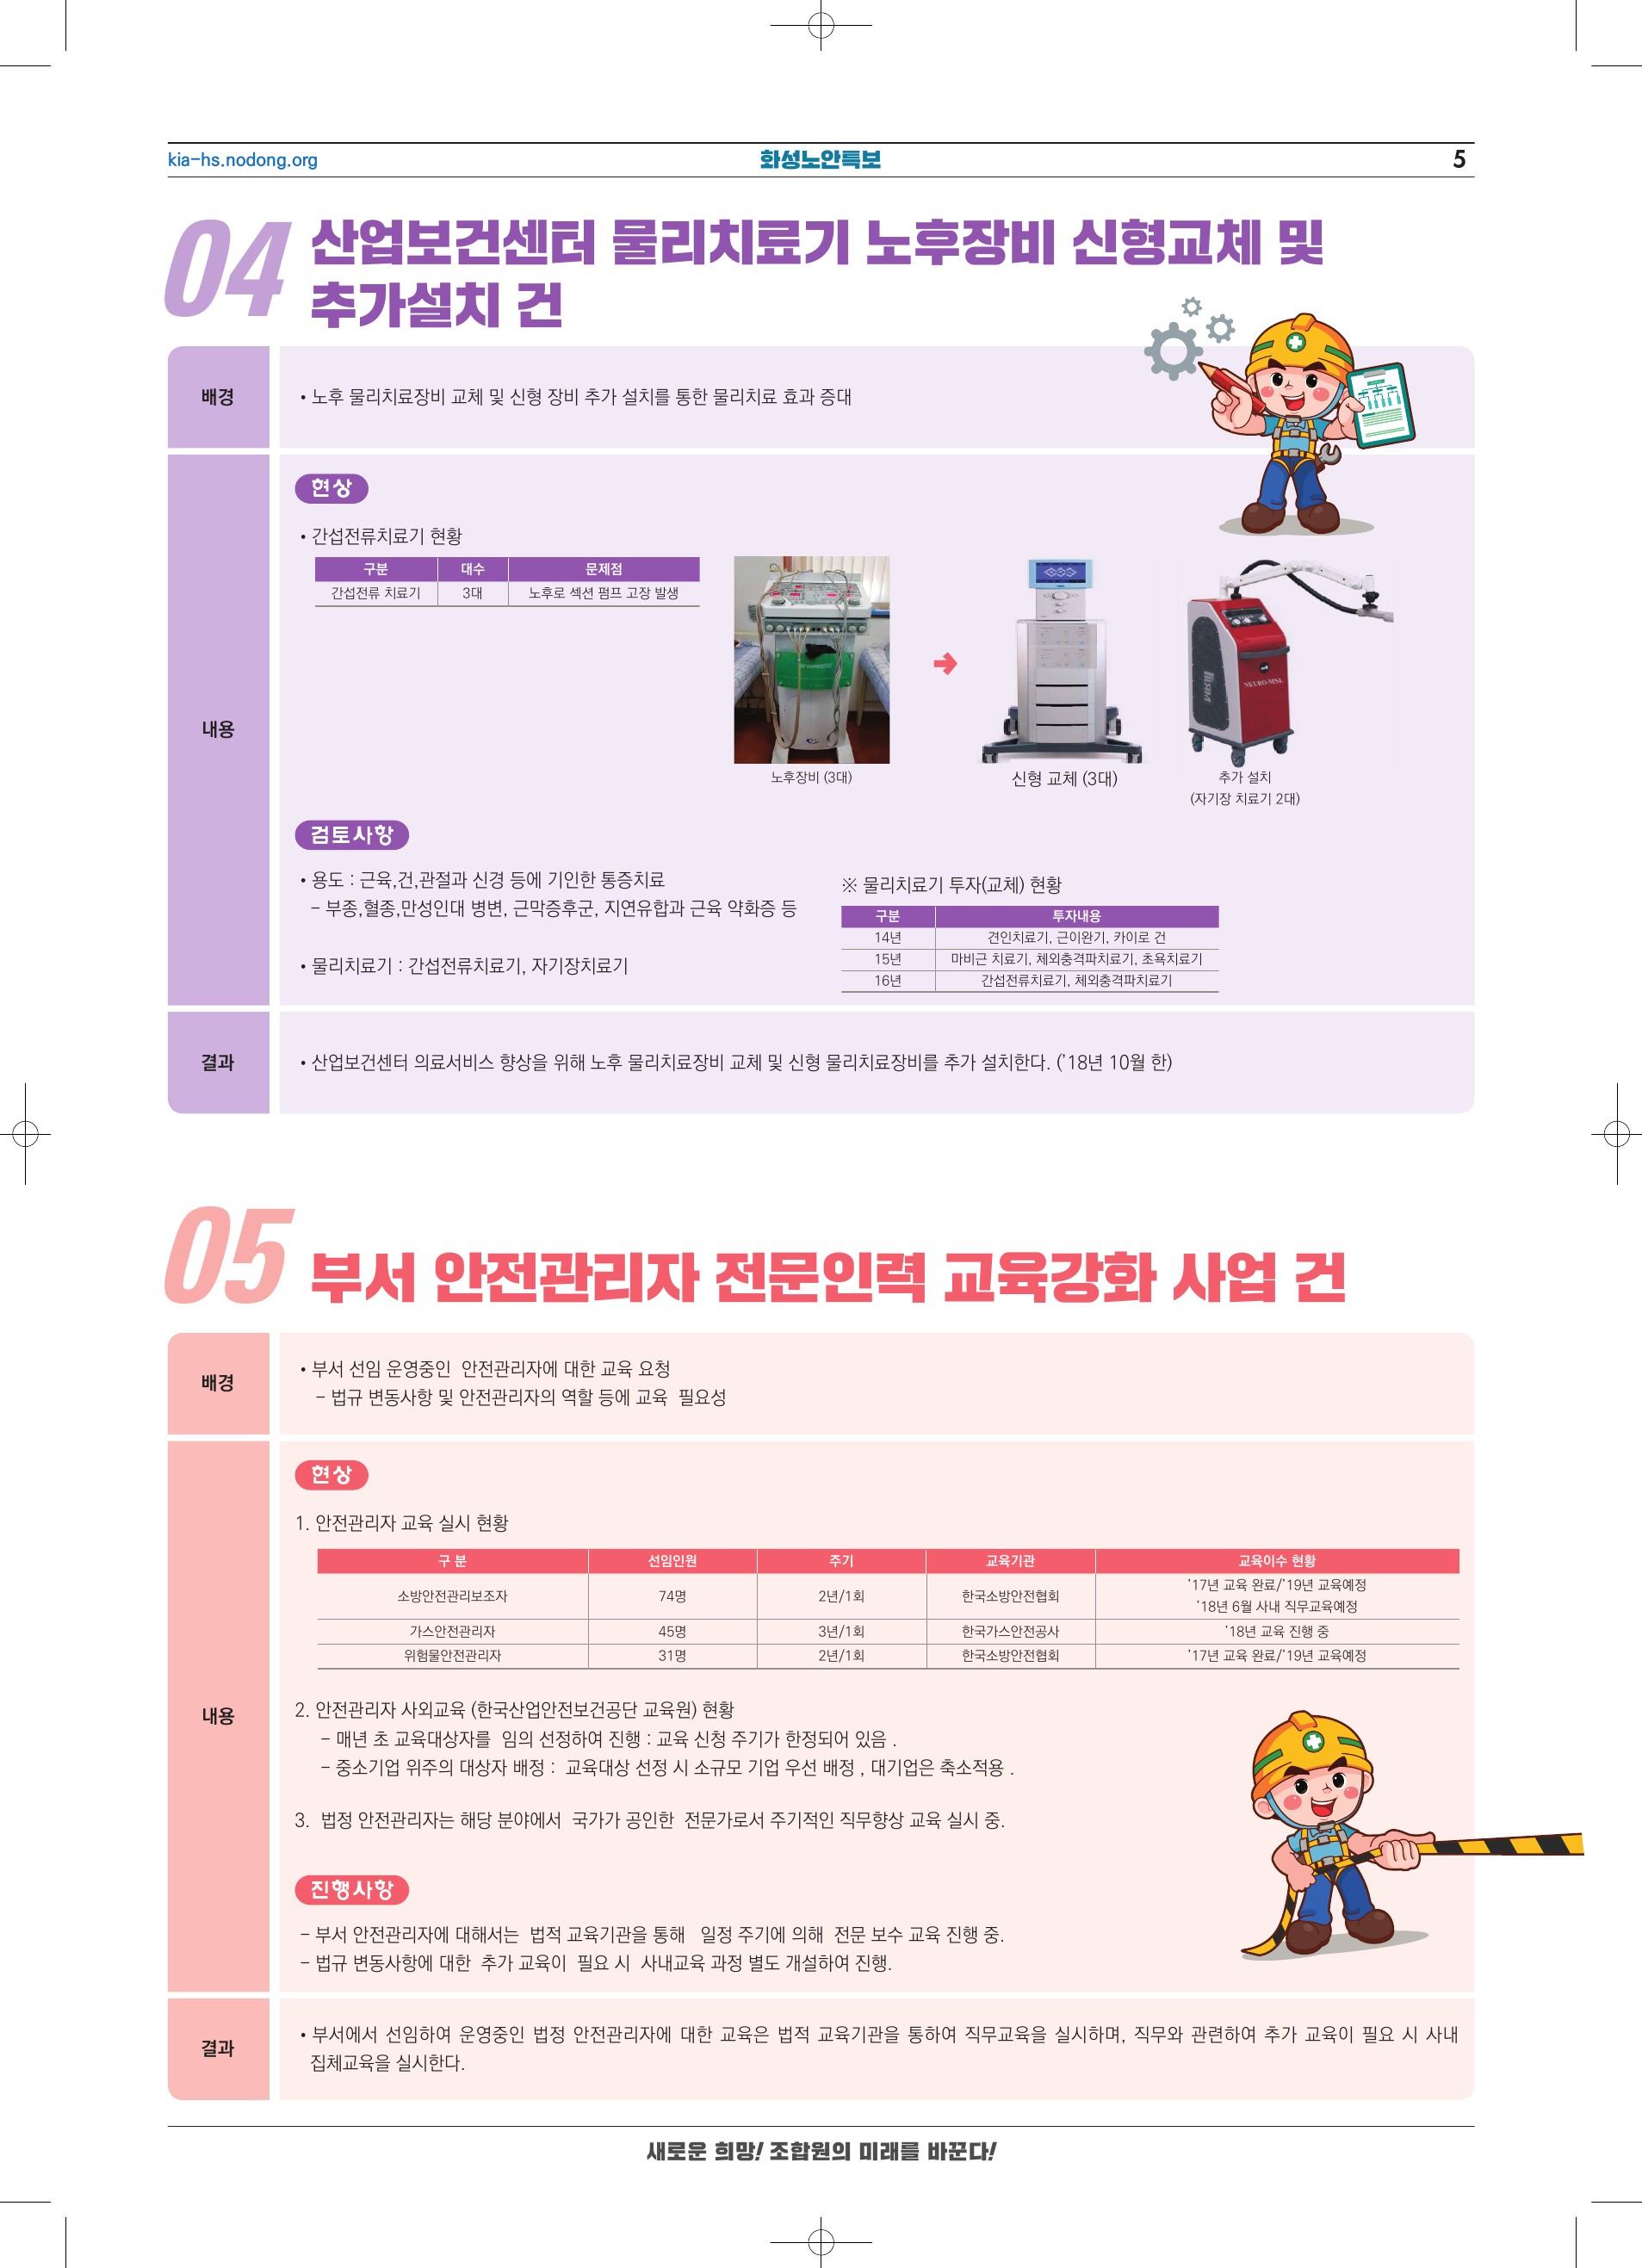 화성노안특보-최종 인쇄-5.jpg